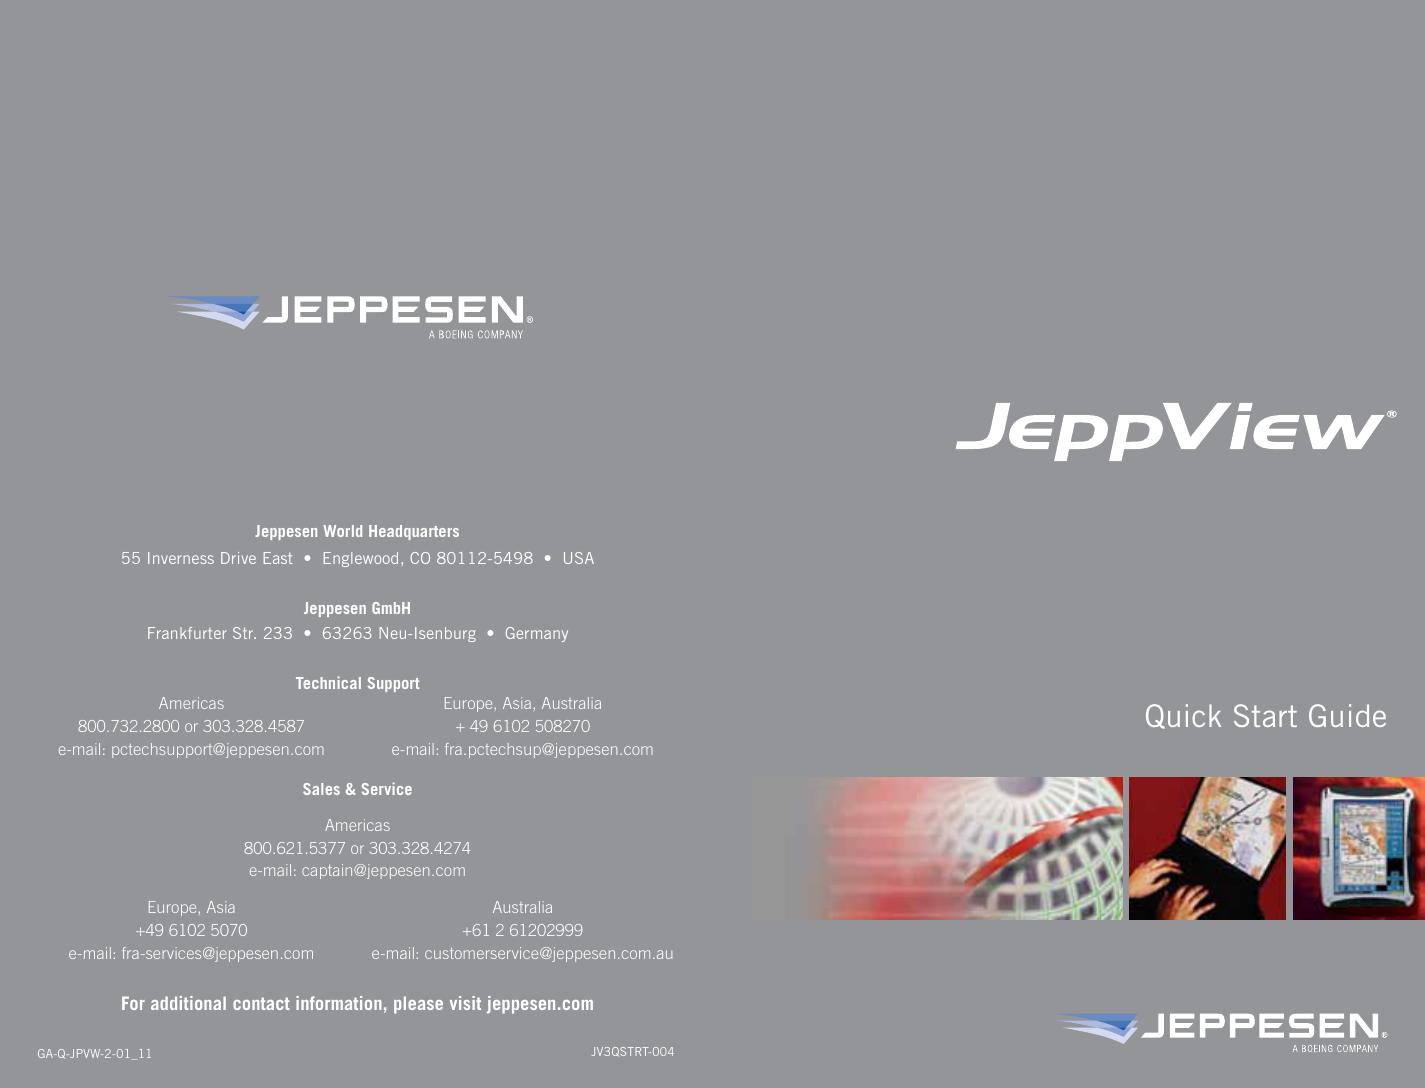 JeppView - Jeppesen | manualzz com